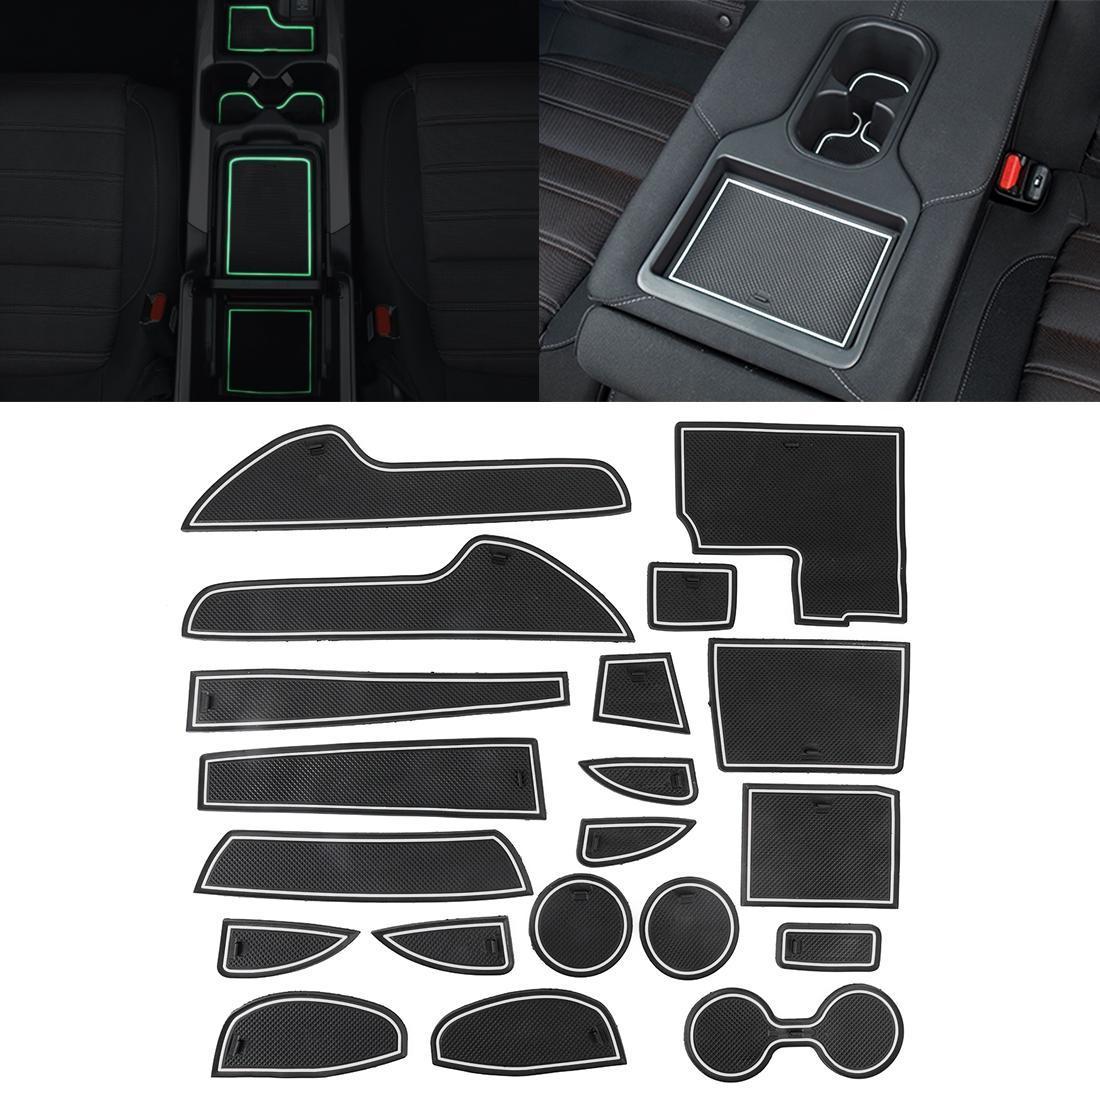 자동차 워터 컵 게이트 슬롯 매트 플라스틱 흰색 발광 안티 슬립 인테리어 도어 패드 Mazda CX-5 2015